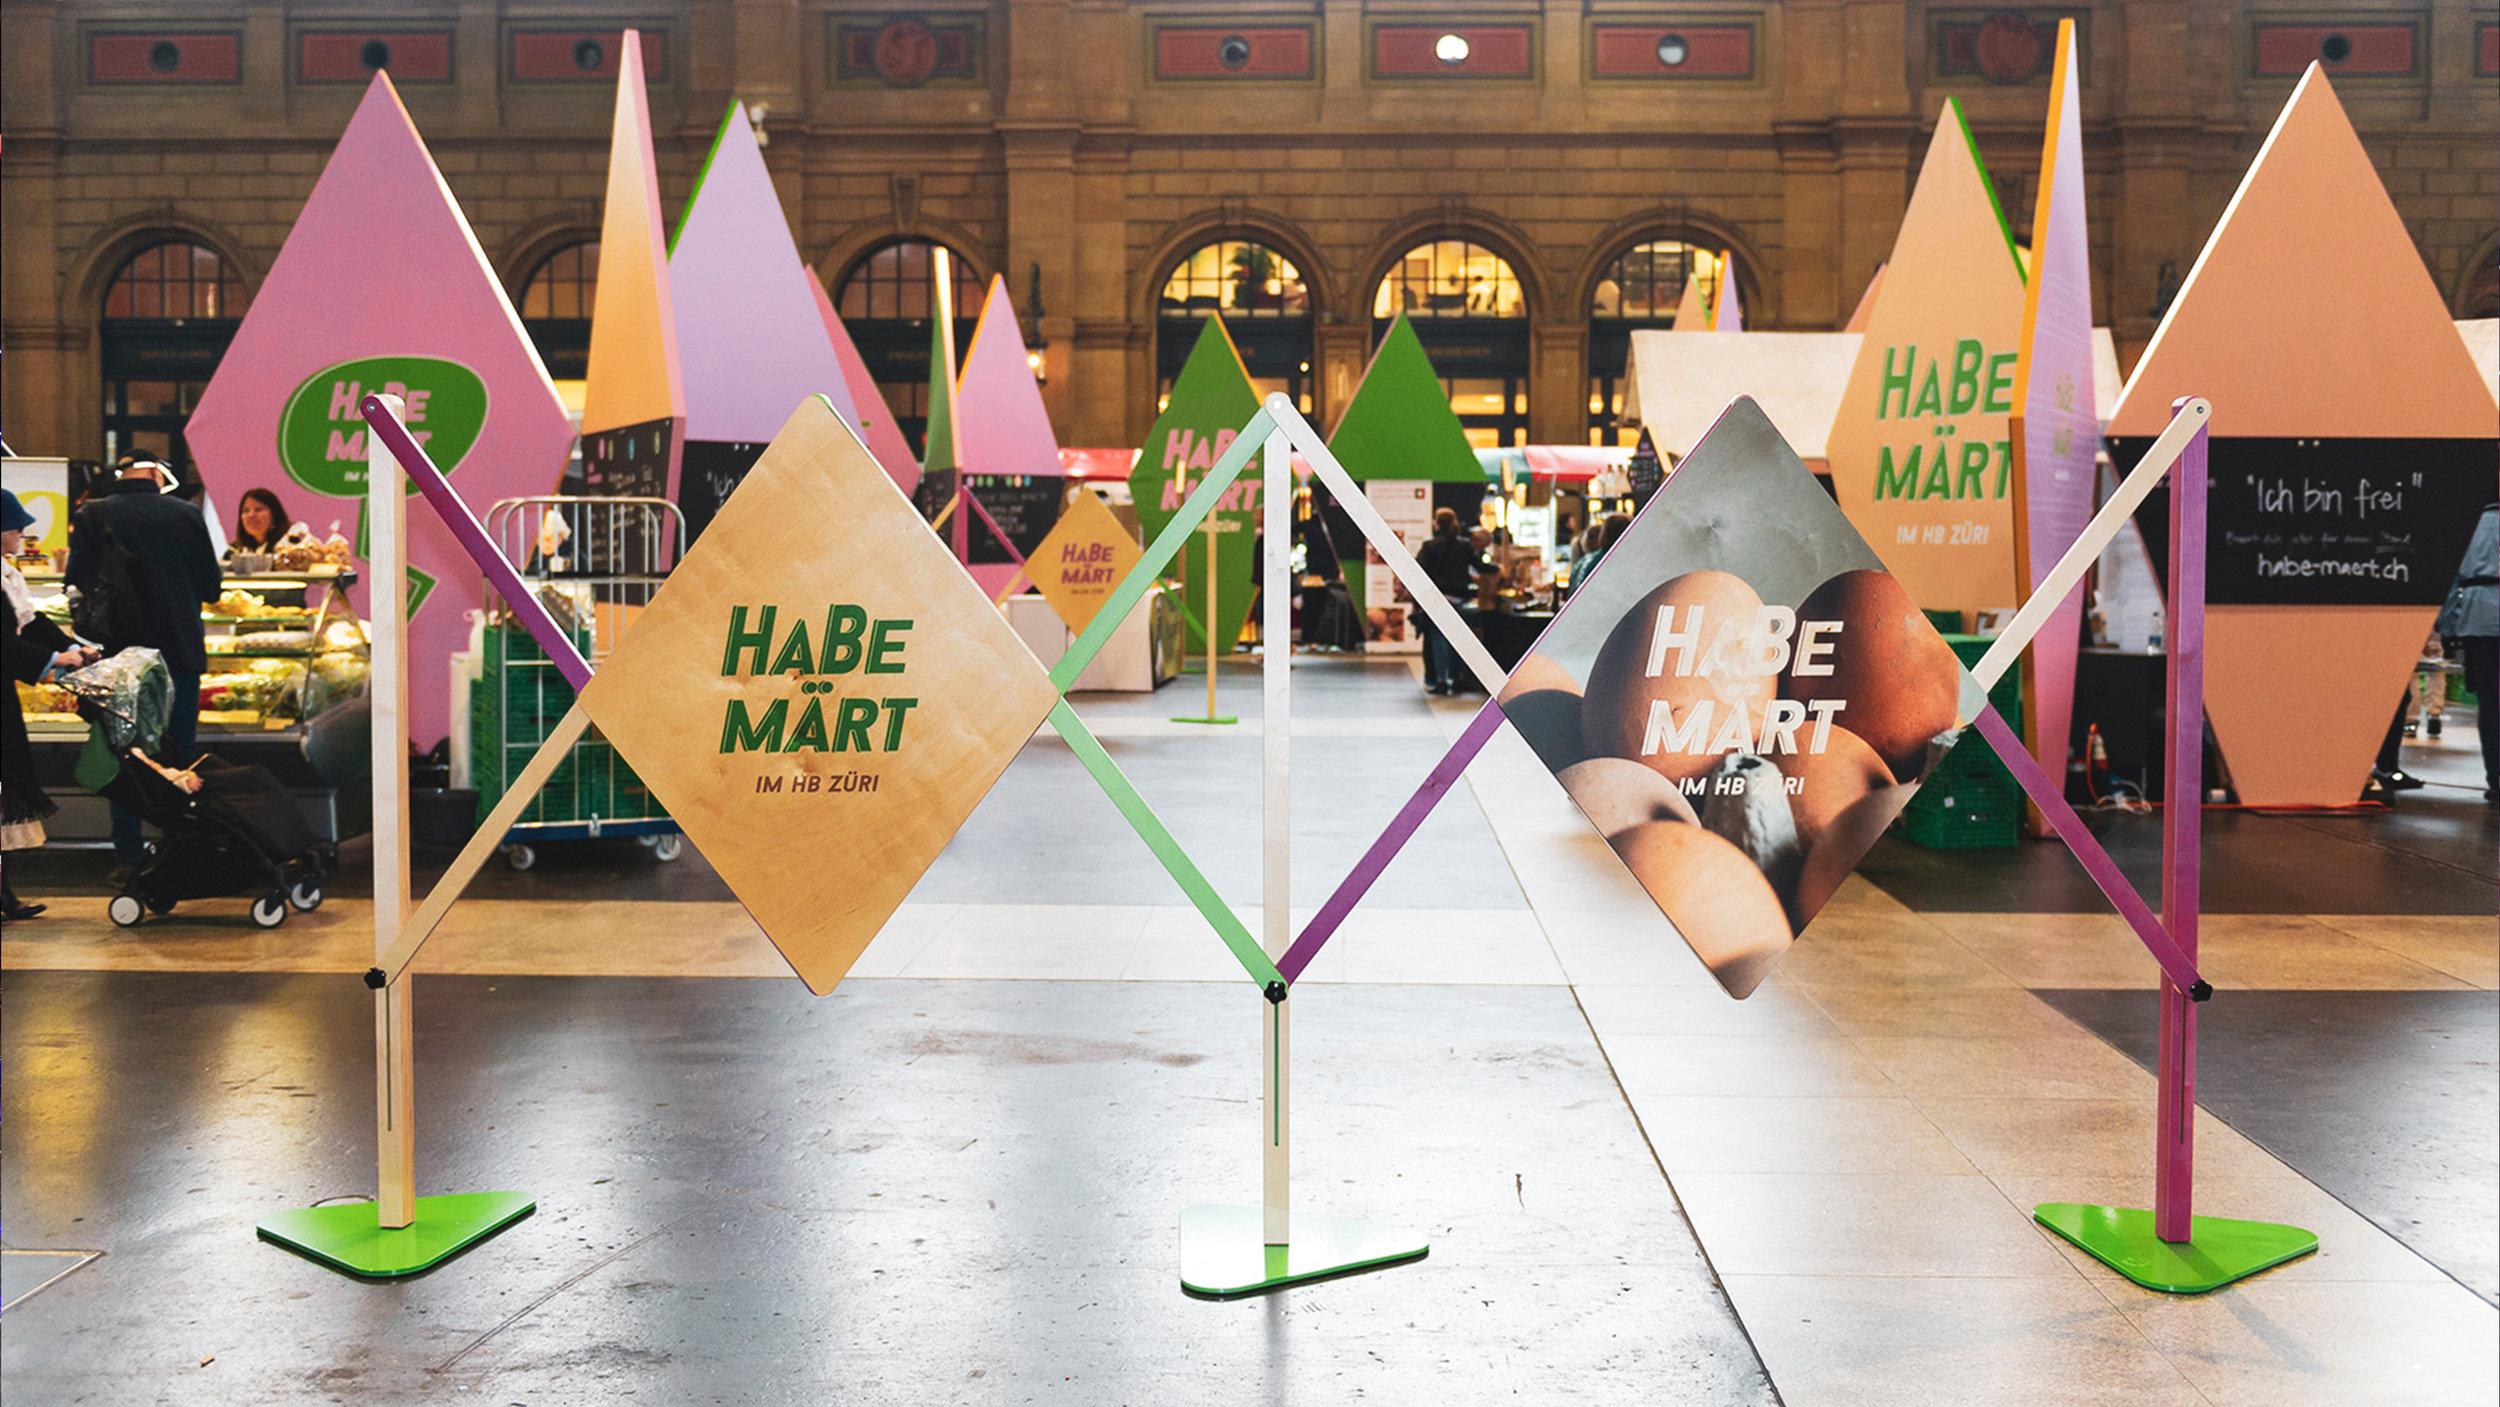 zurich main station 2019 - ''HABE MÄRT''  -HABE MARKET